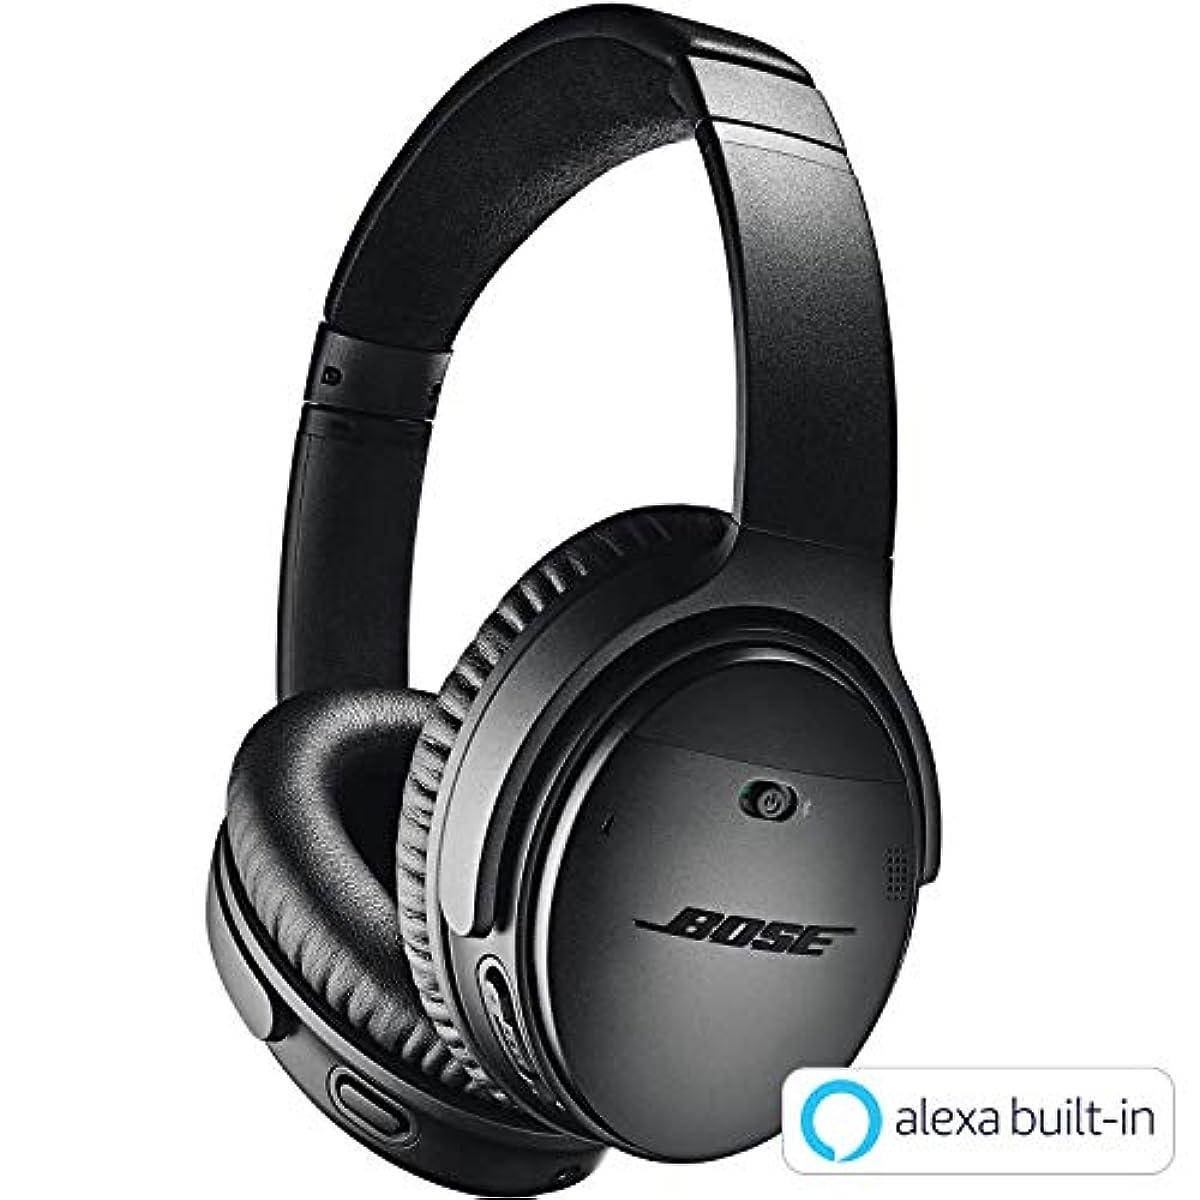 [해외] BOSE QUIETCOMFORT 35 WIRELESS HEADPHONES II wireless 노이즈캔슬링헤드폰 AMAZON ALEXA탑재 블랙